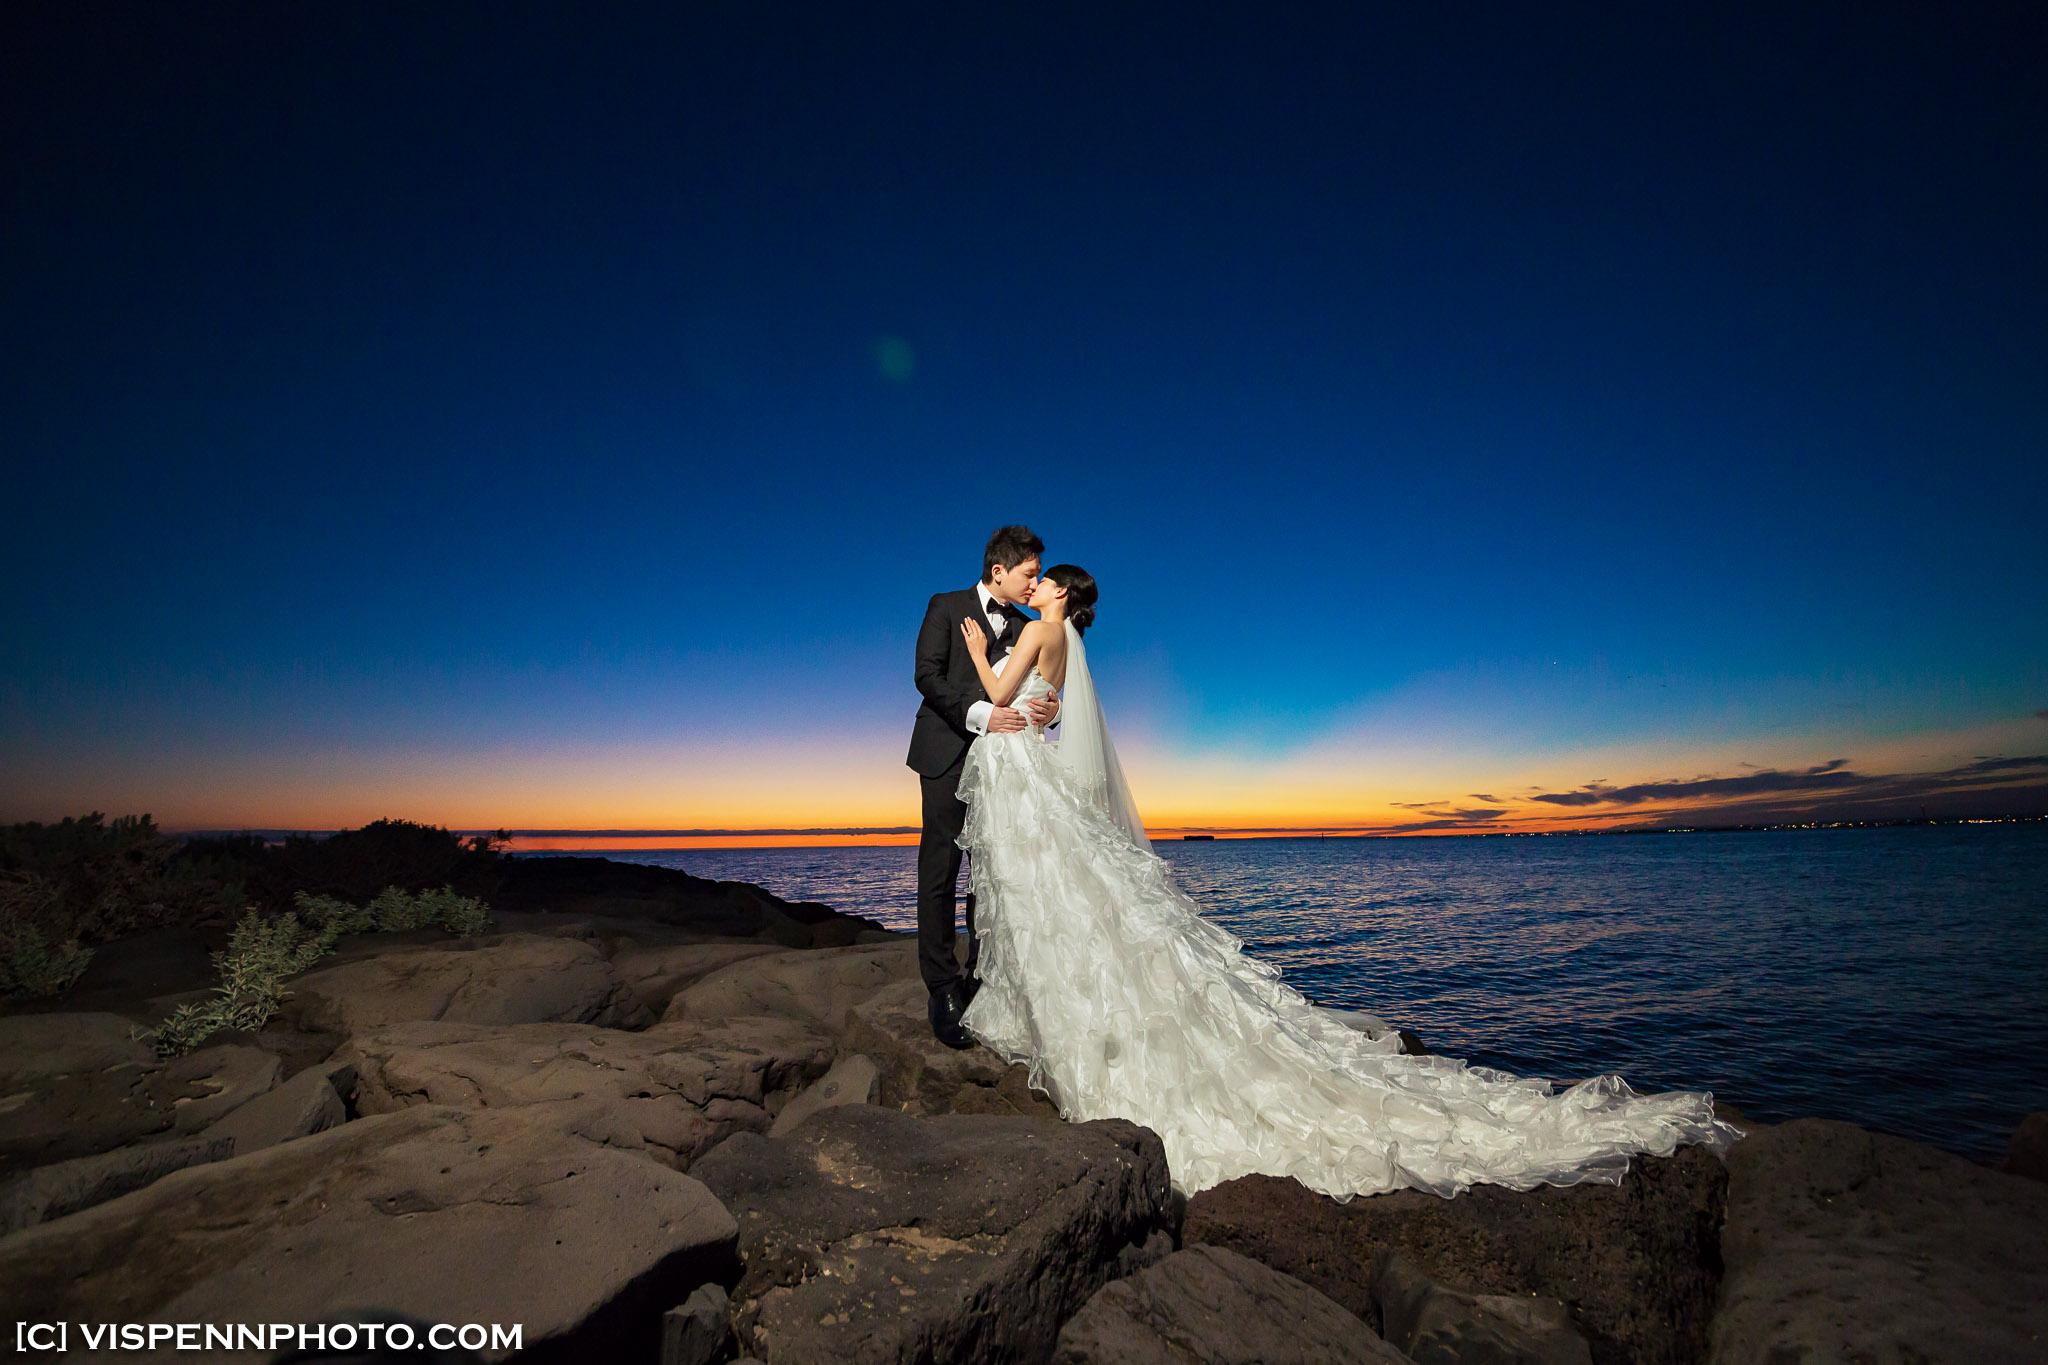 PRE WEDDING Photography Melbourne DaisyPreWedding 4430